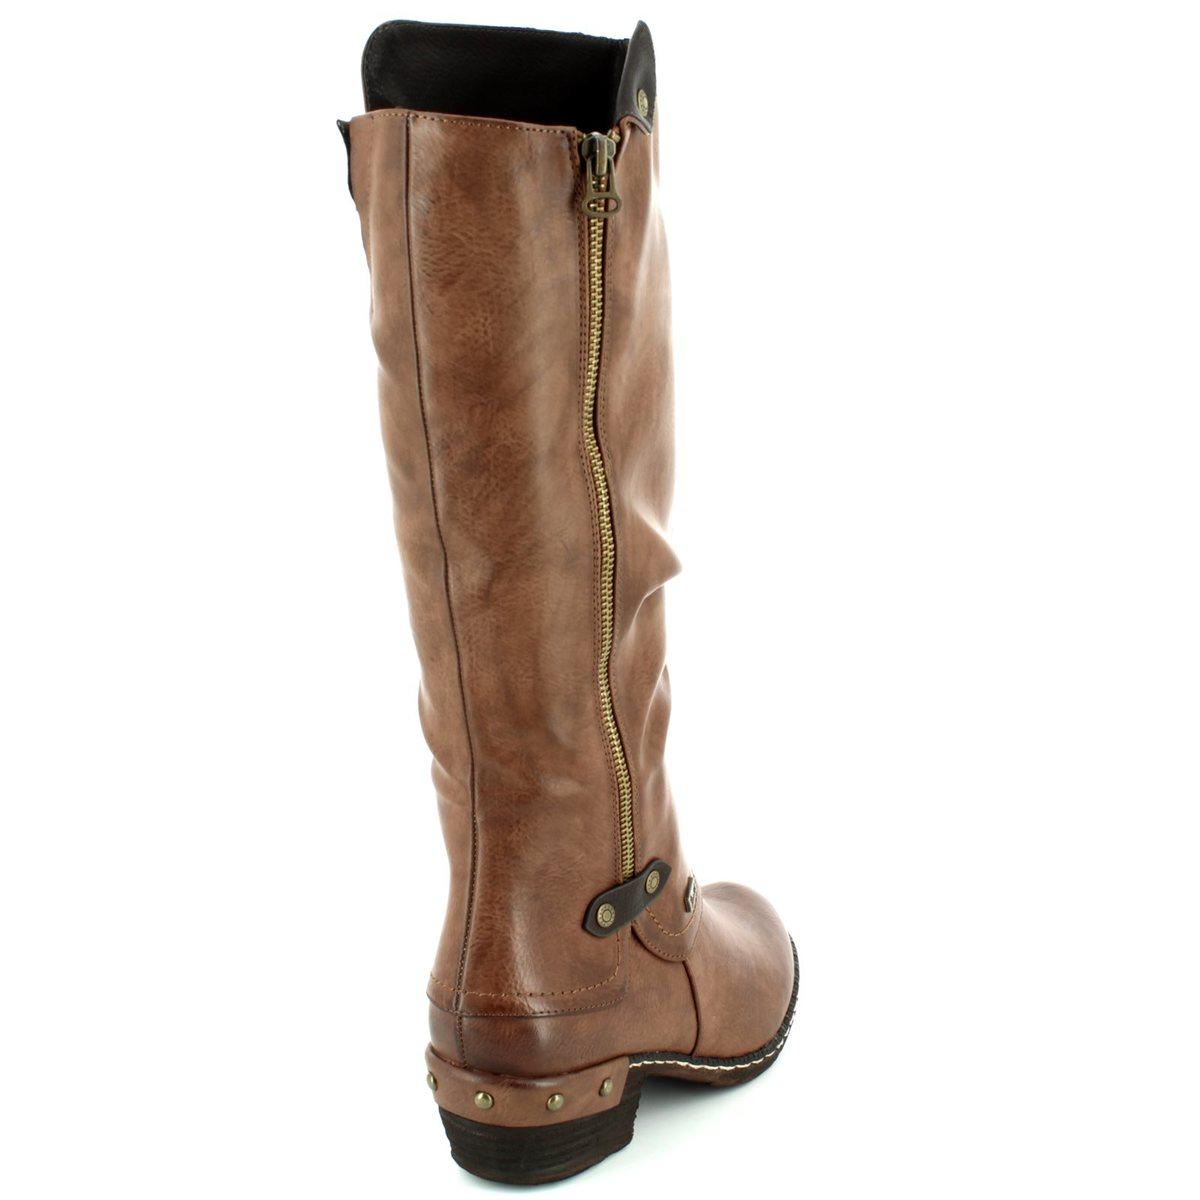 b8a5fd865d5 Rieker Knee-high Boots - Brown - 93655-26 BERNALO TEX